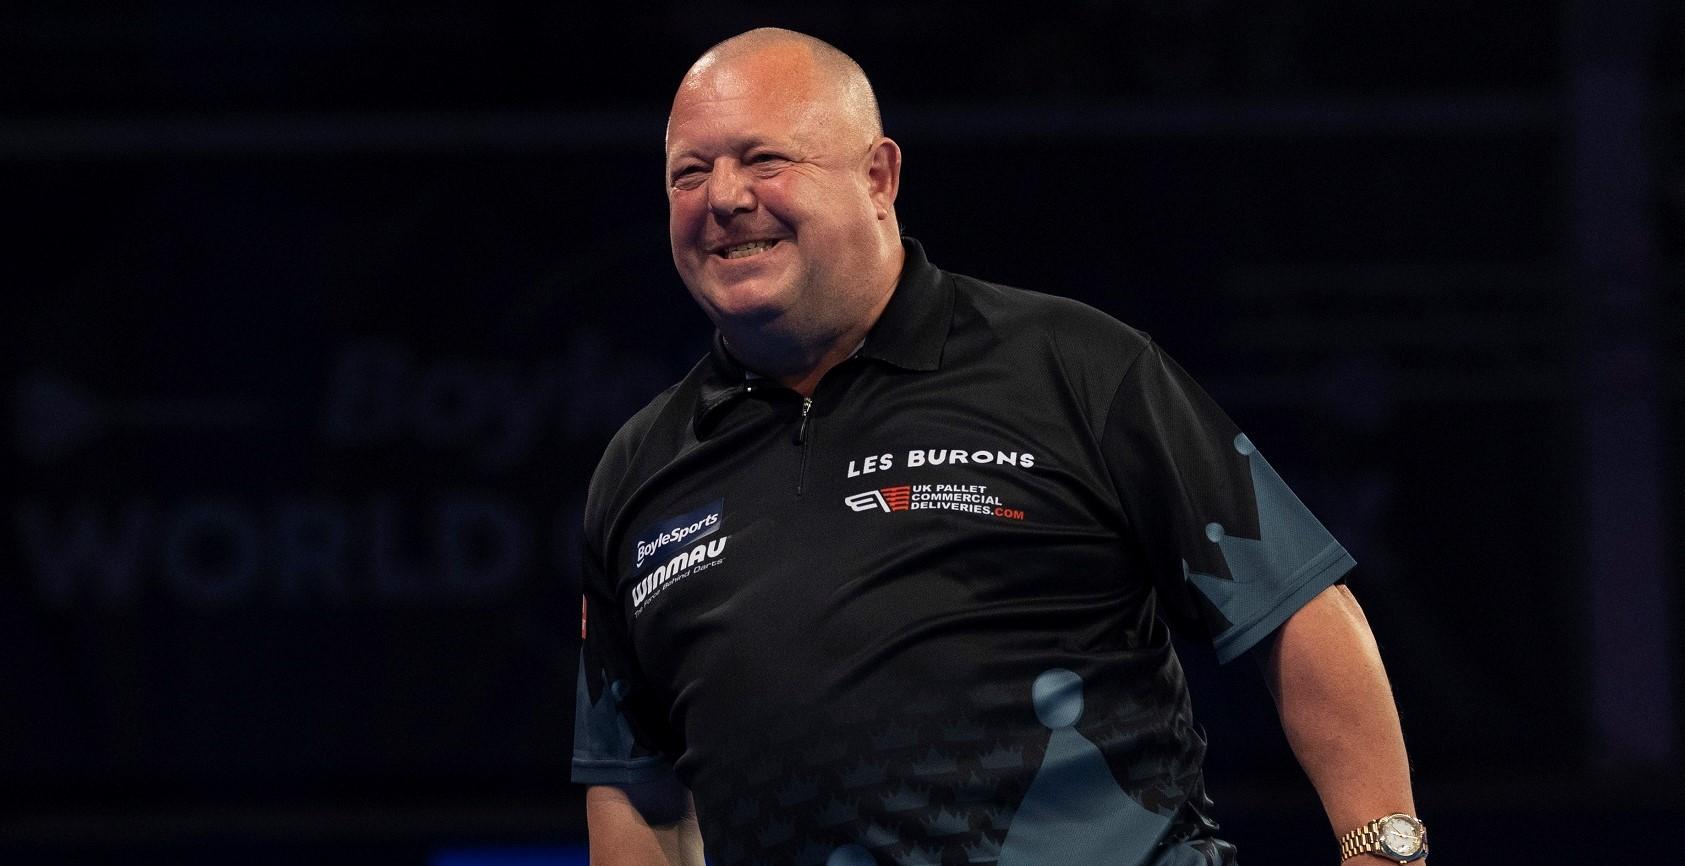 Zonneveld, King, Kuivenhoven und Huybrechts nehmen Startplätze für World Series of Darts Finals ein